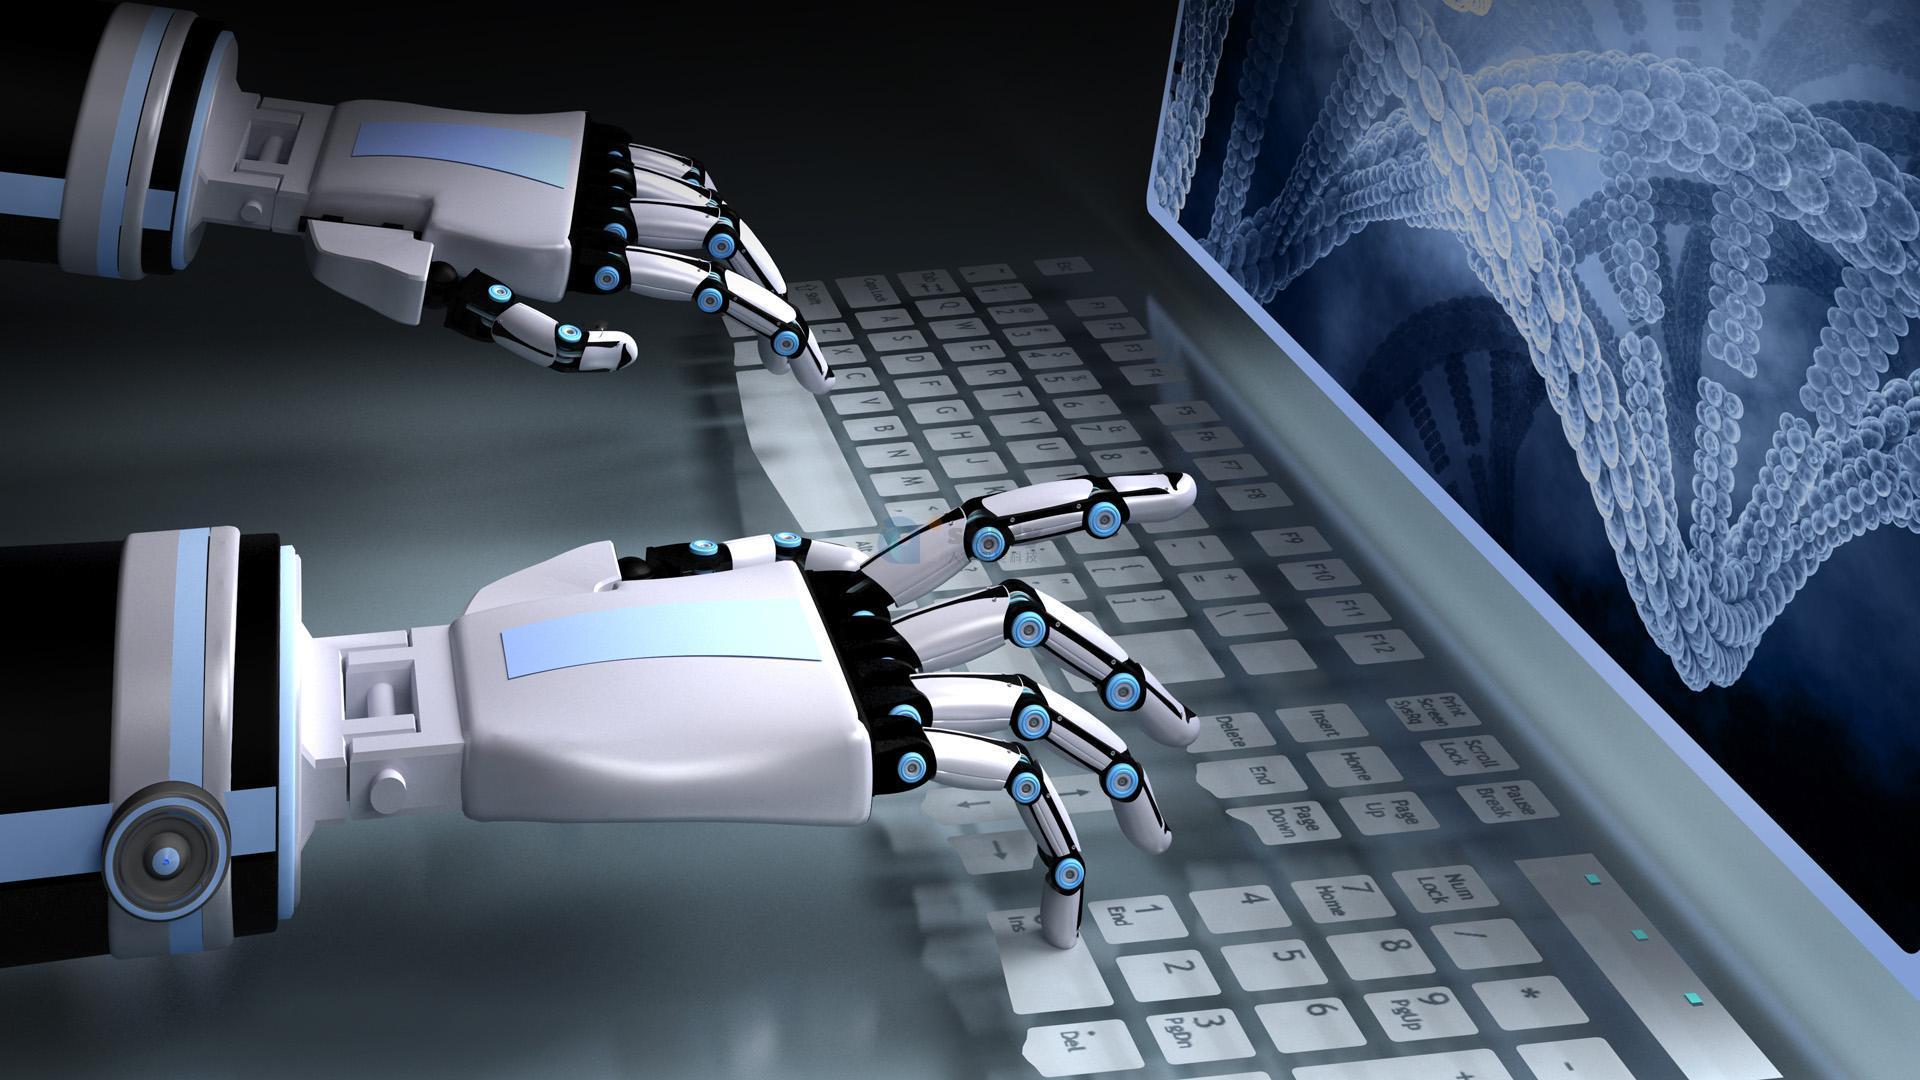 语音识别、自然语言处理、计算机视觉等人工智能技术日益成熟